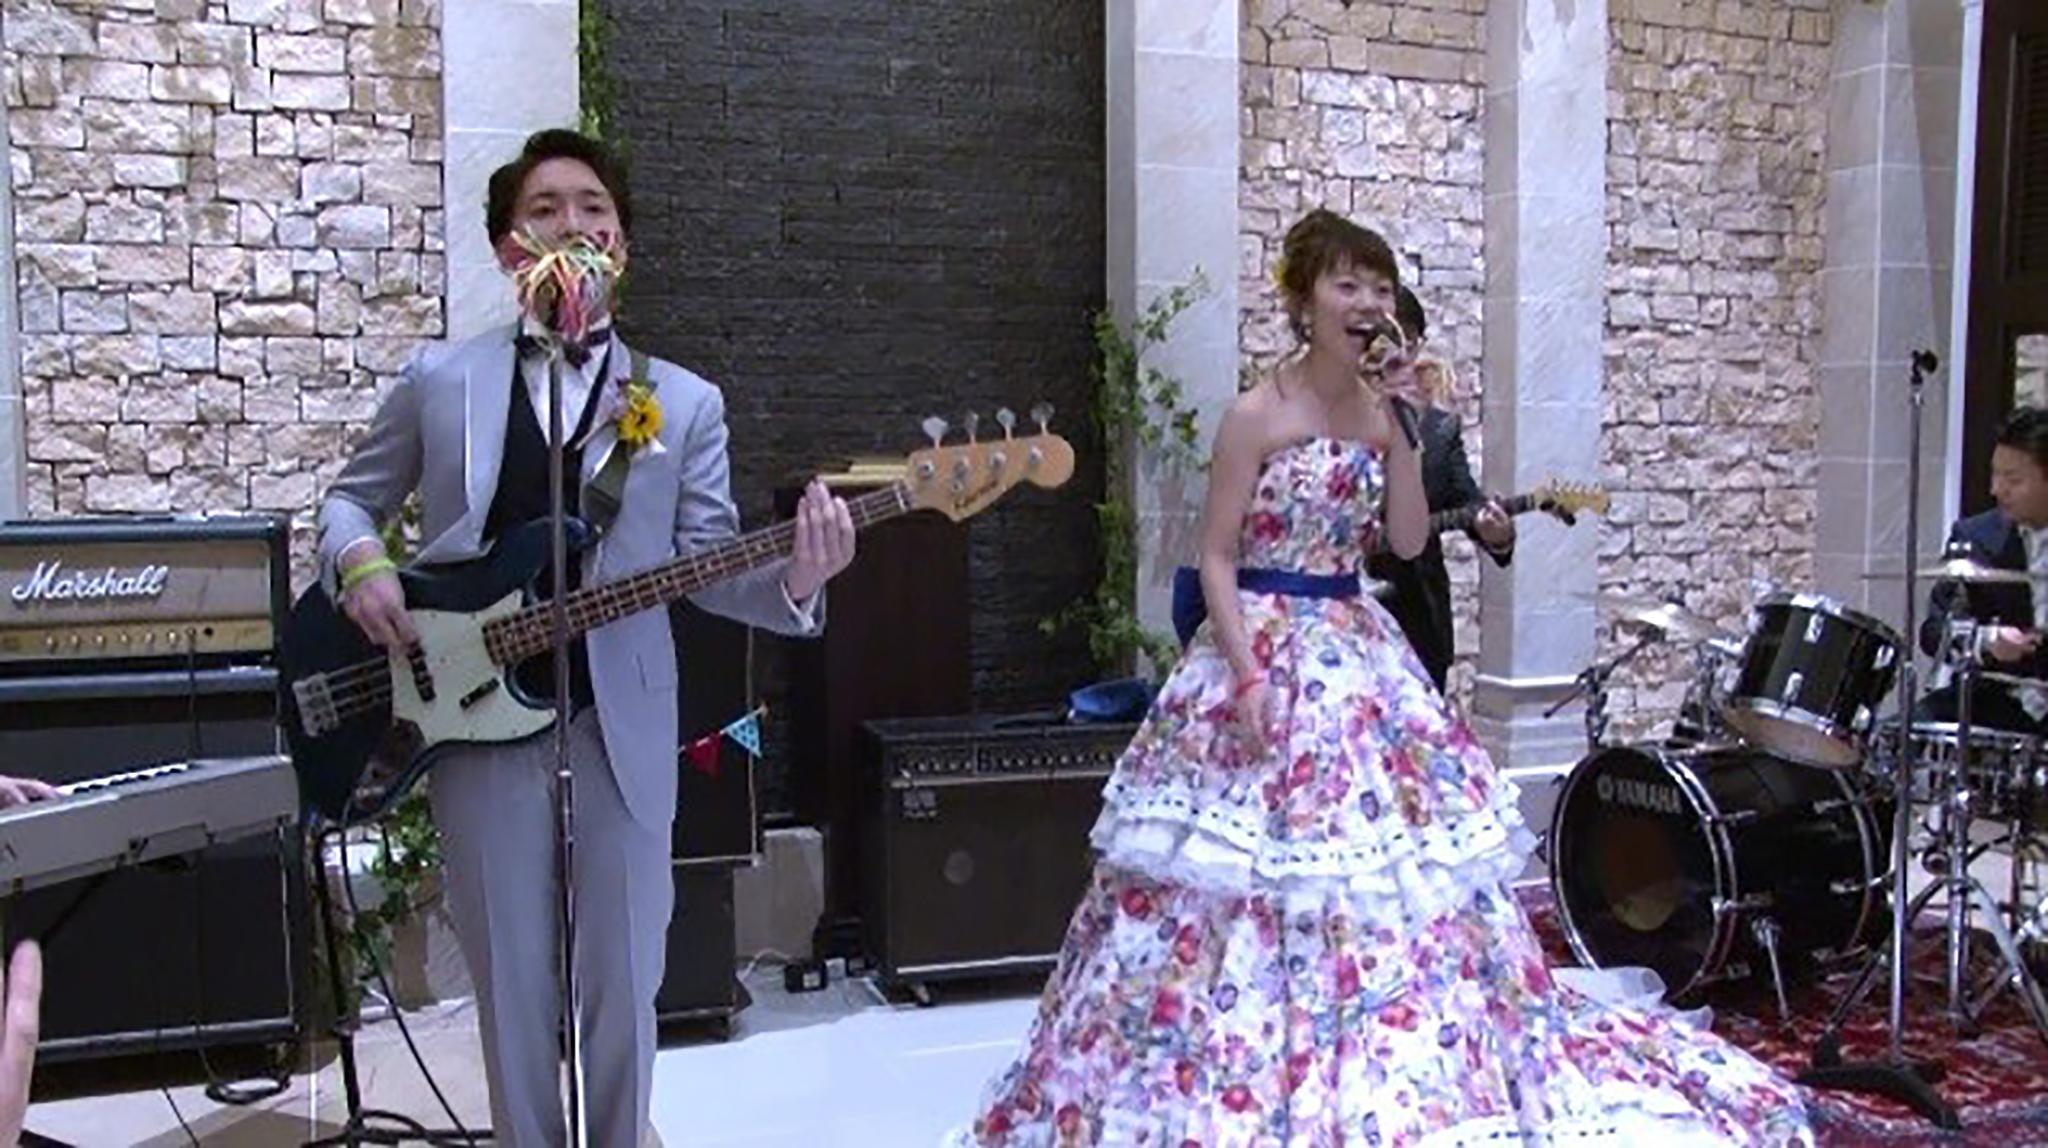 まさかのオープニングサプライズ! おふたりらしさが溢れた結婚式